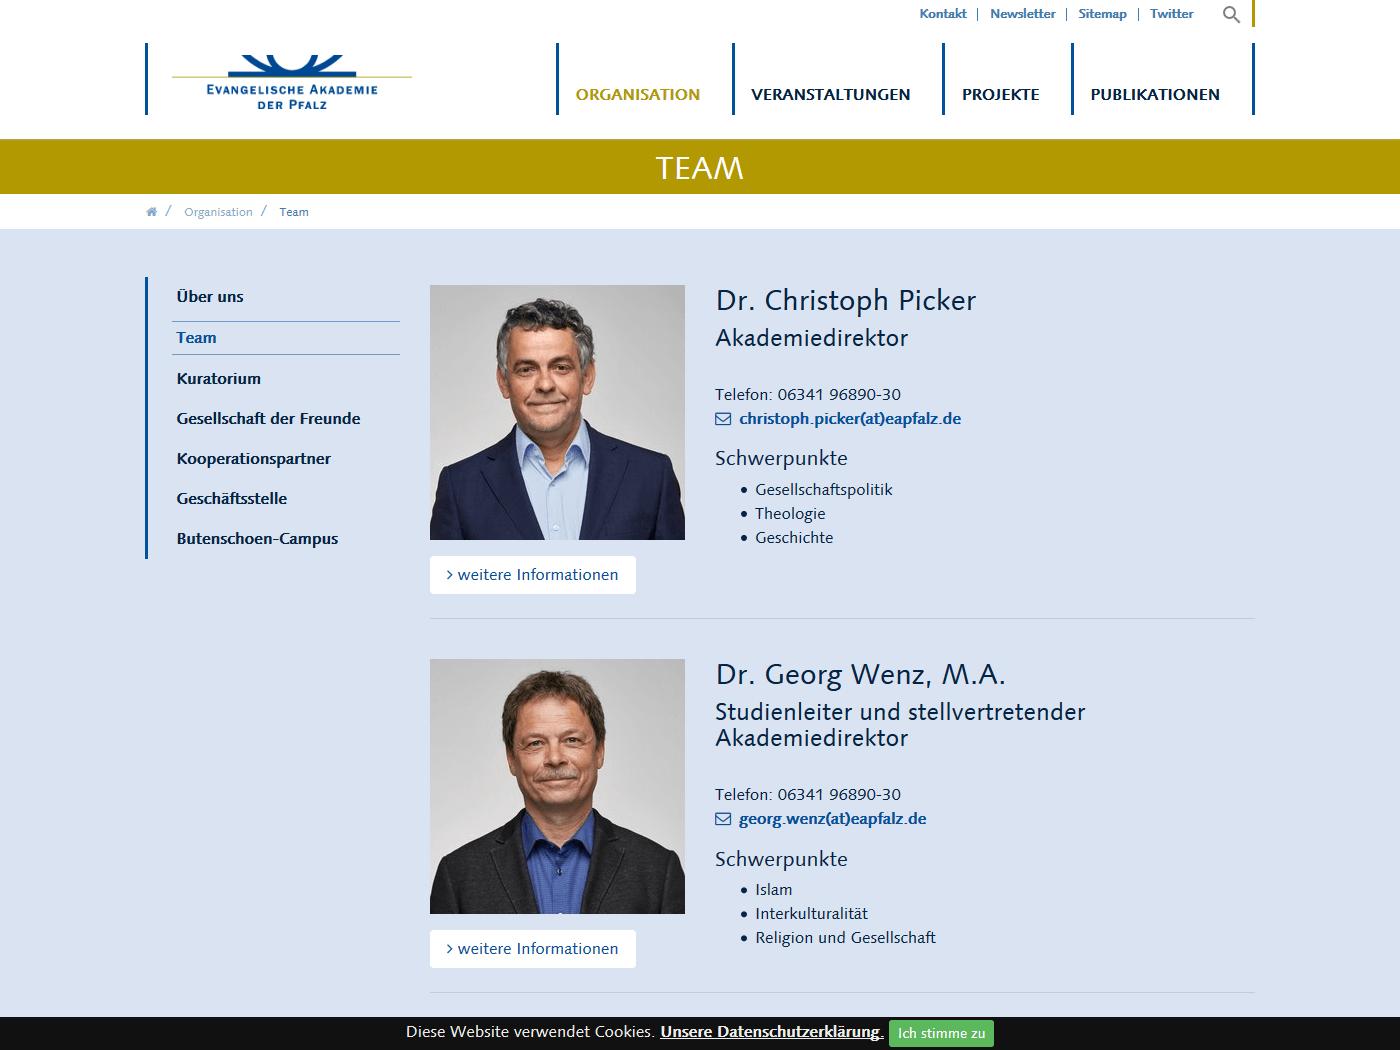 responsive Webdesign Evangelische Akademie der Pfalz, Team